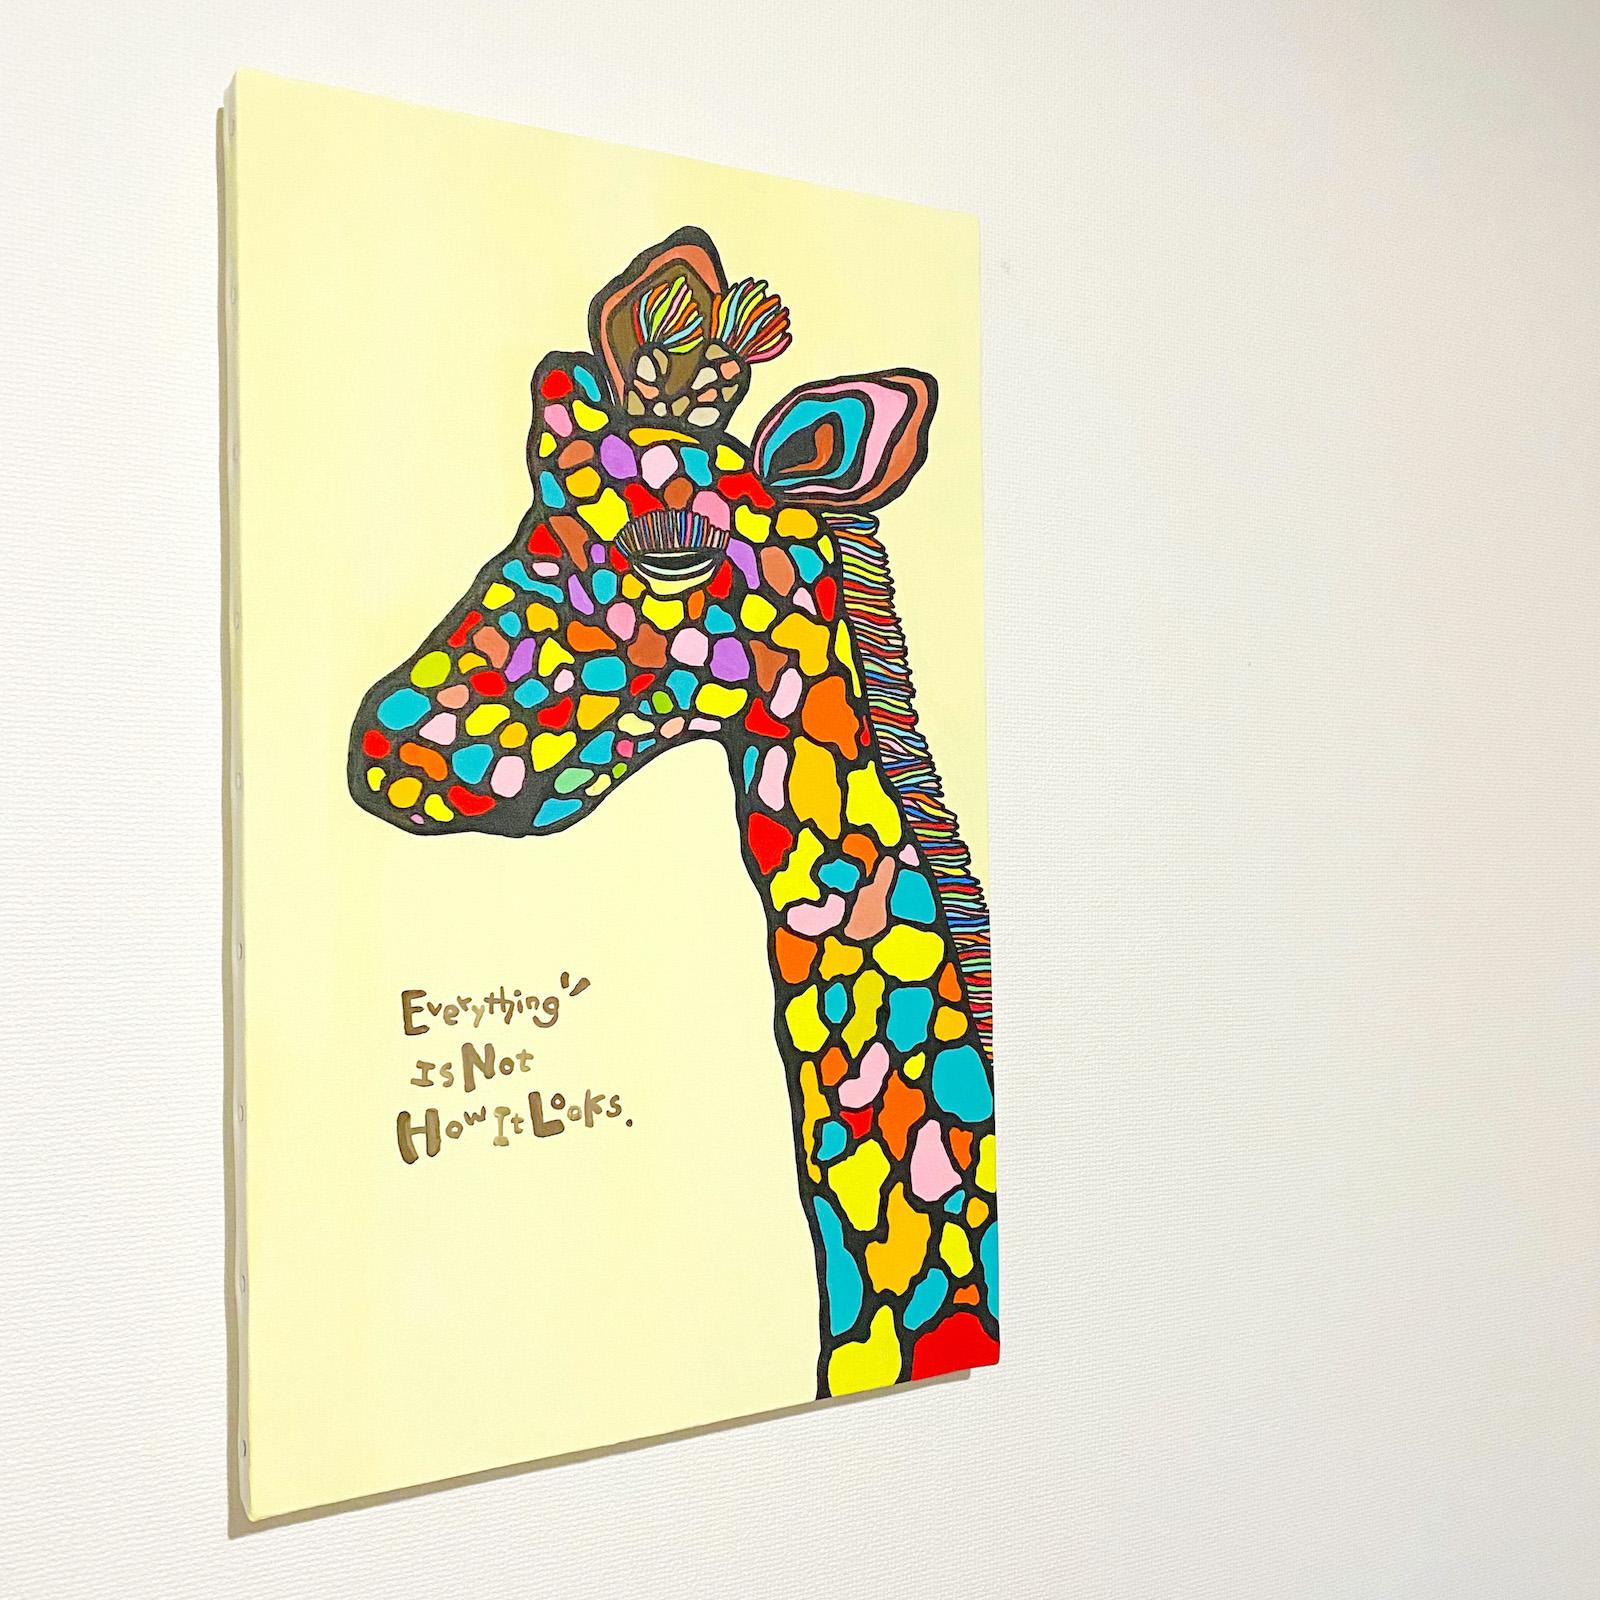 絵画 絵 原画 アート キャンバス インテリア キリン きりん 麒麟 動物 P8号 (455×333 mm) カラフル おしゃれ かわいい 手書きアート 一点物 アニマル キャンバスアート パネルアート ファブリックパネル アートボード アートパネル